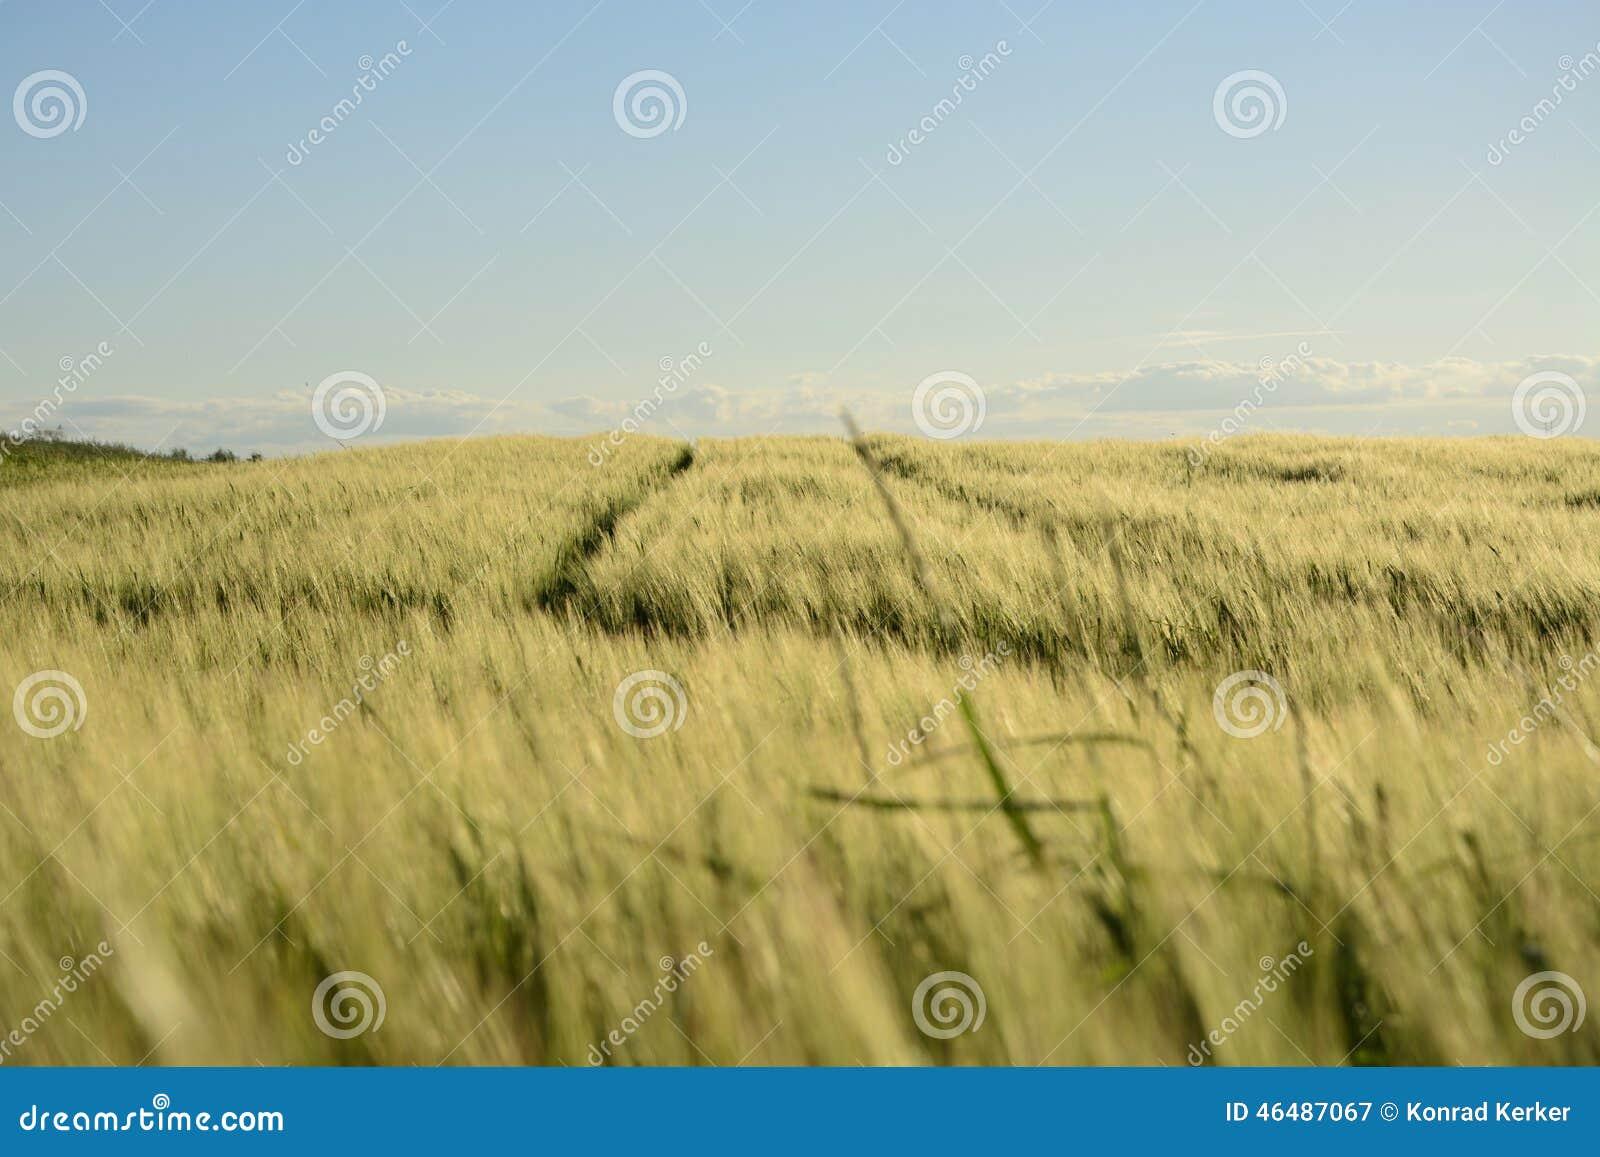 Utanför staden - lantligt landskap - ett fält